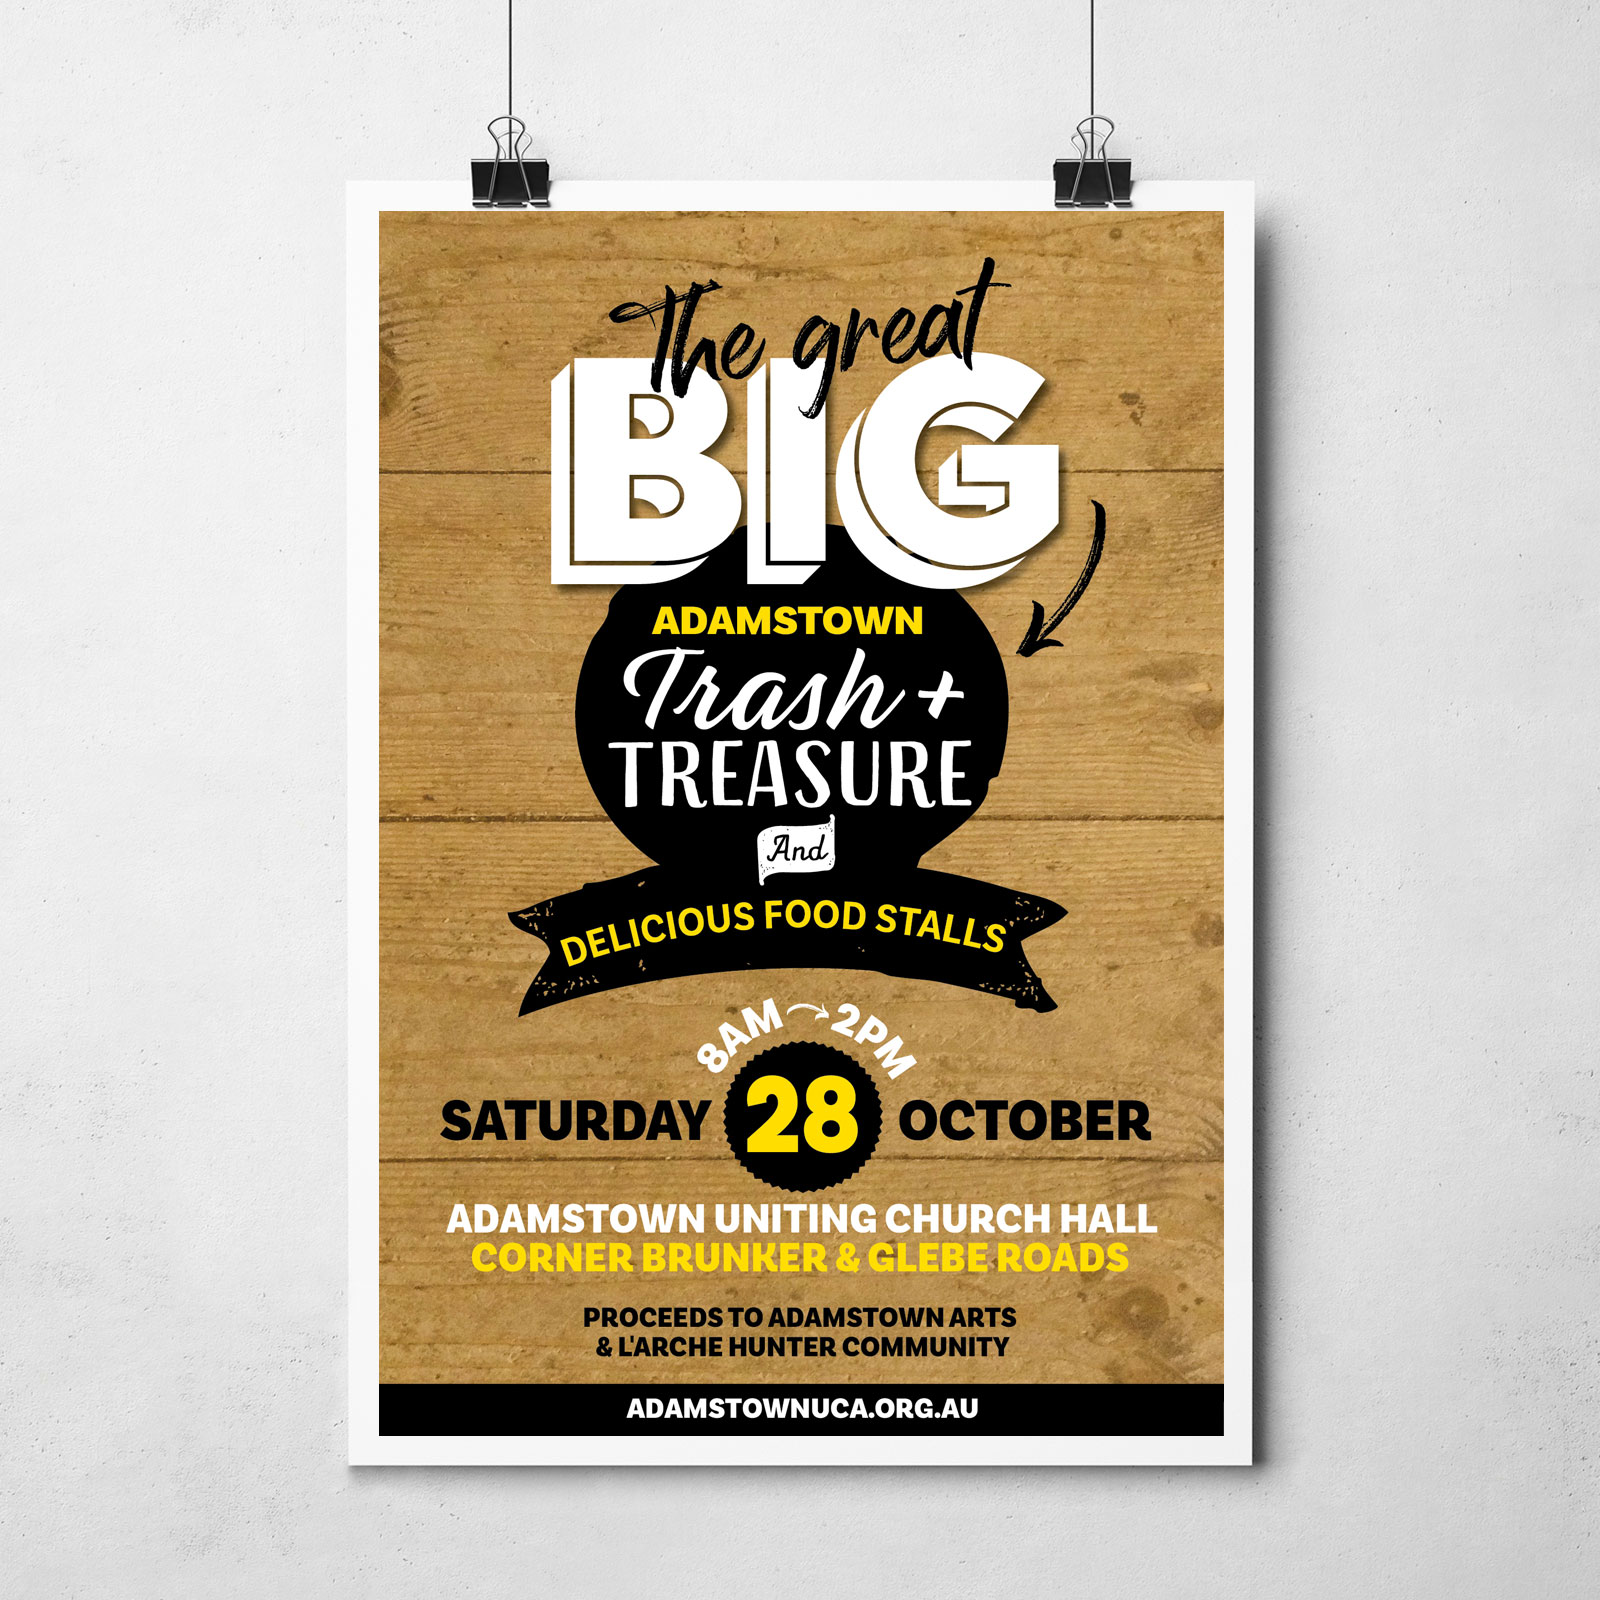 Trash and treasure poster